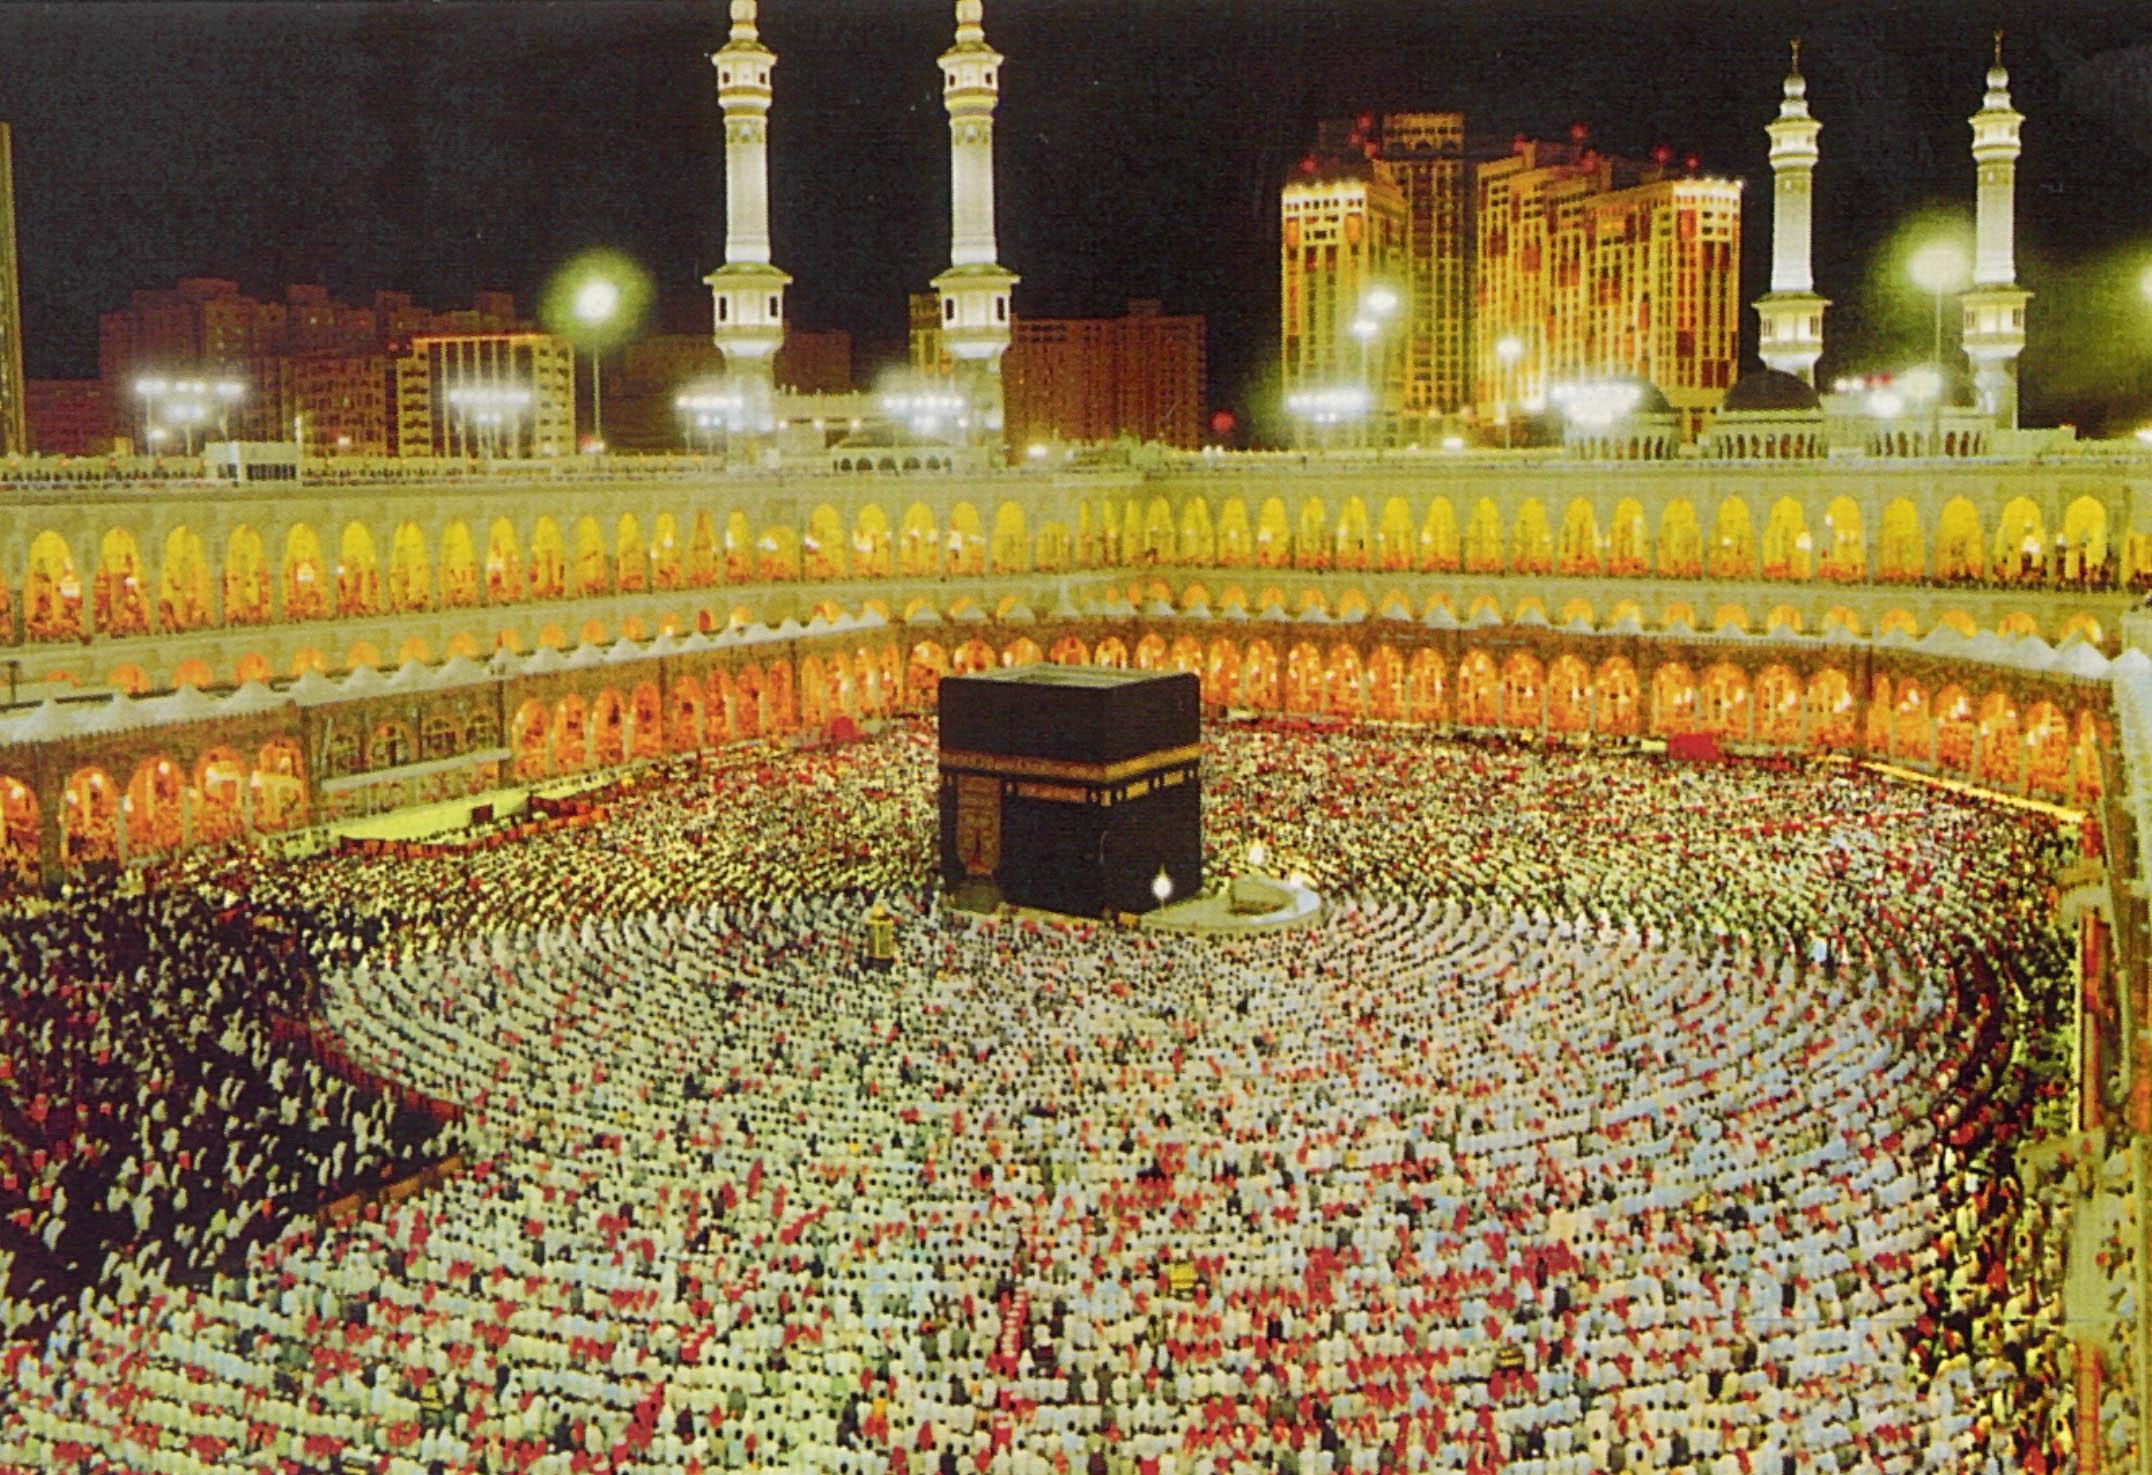 صور المسجد الحرام , صور المسجد النبوى الشريف , صور مكة , صور المدينة المنورة